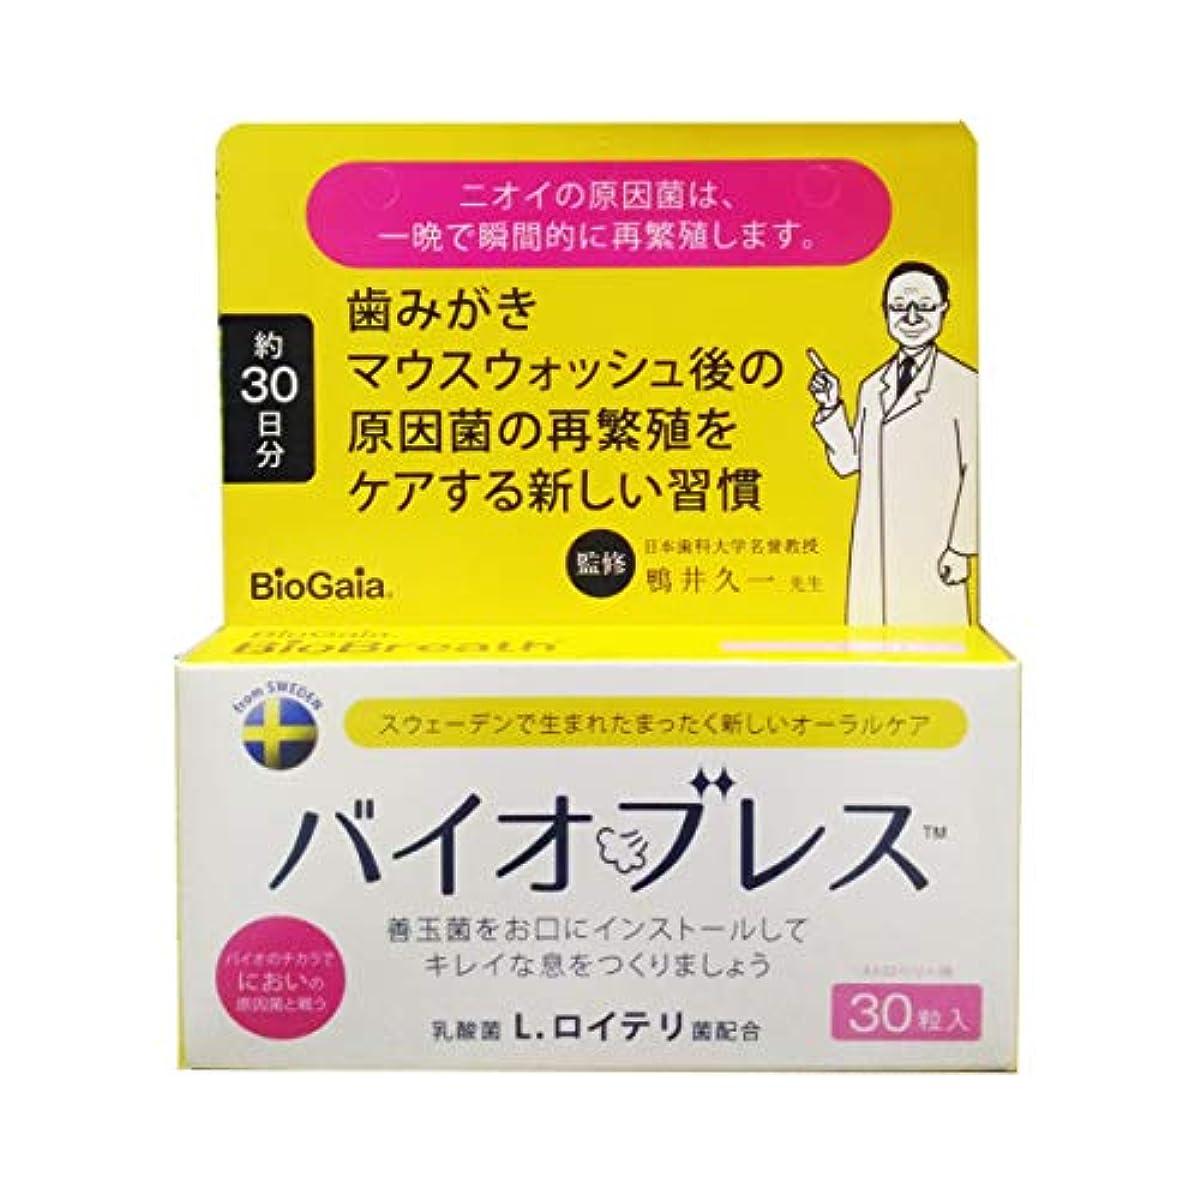 [해외] 바이오가이아 브레스 딸기맛 30알